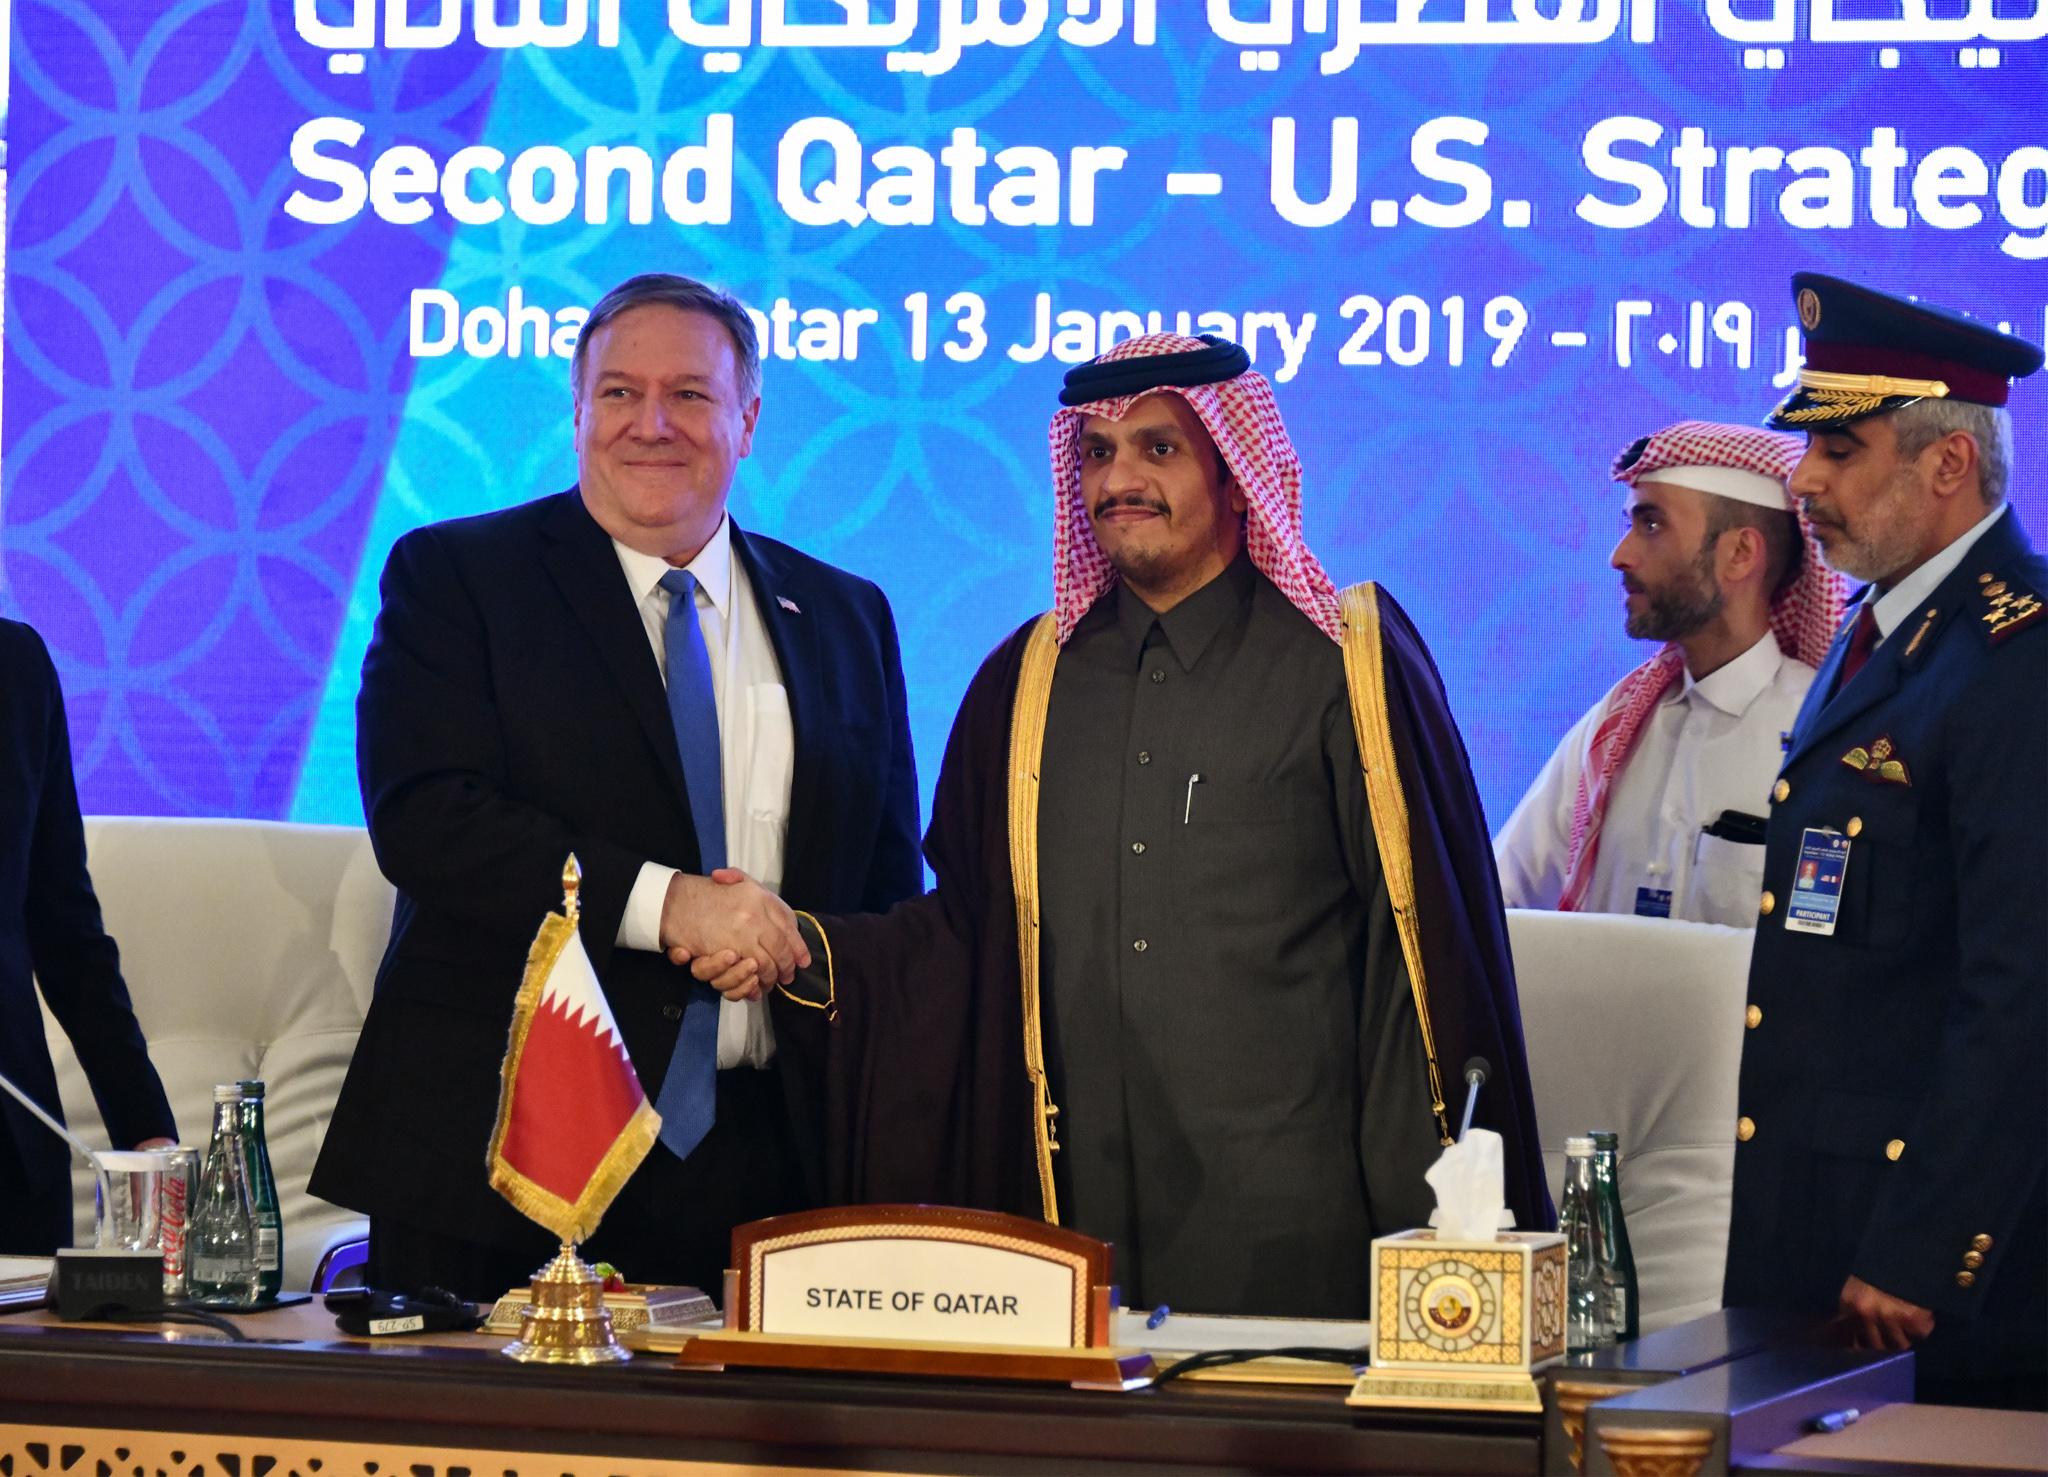 两位领导人握手(美国国务院)